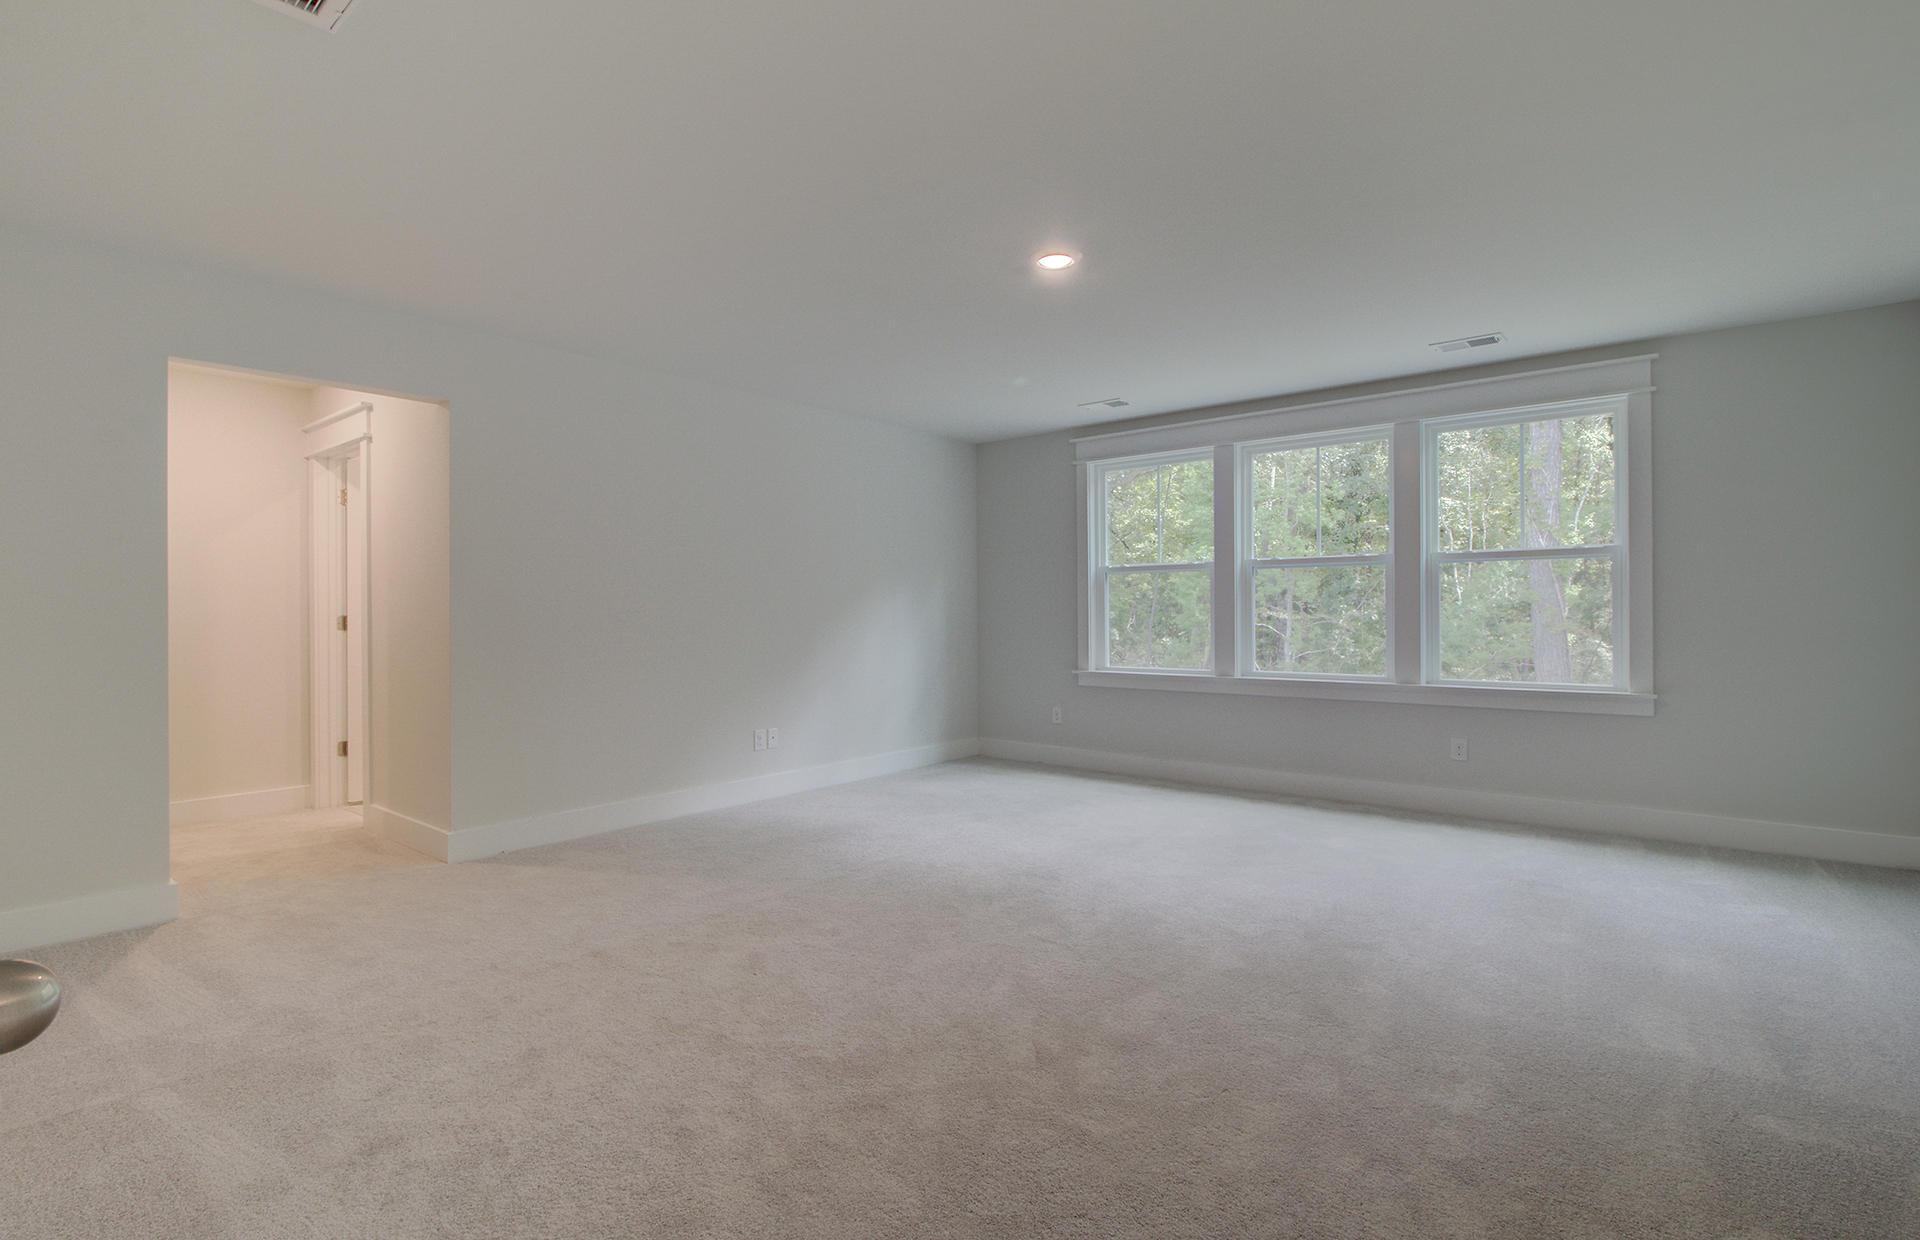 Park West Homes For Sale - 3013 Caspian, Mount Pleasant, SC - 5